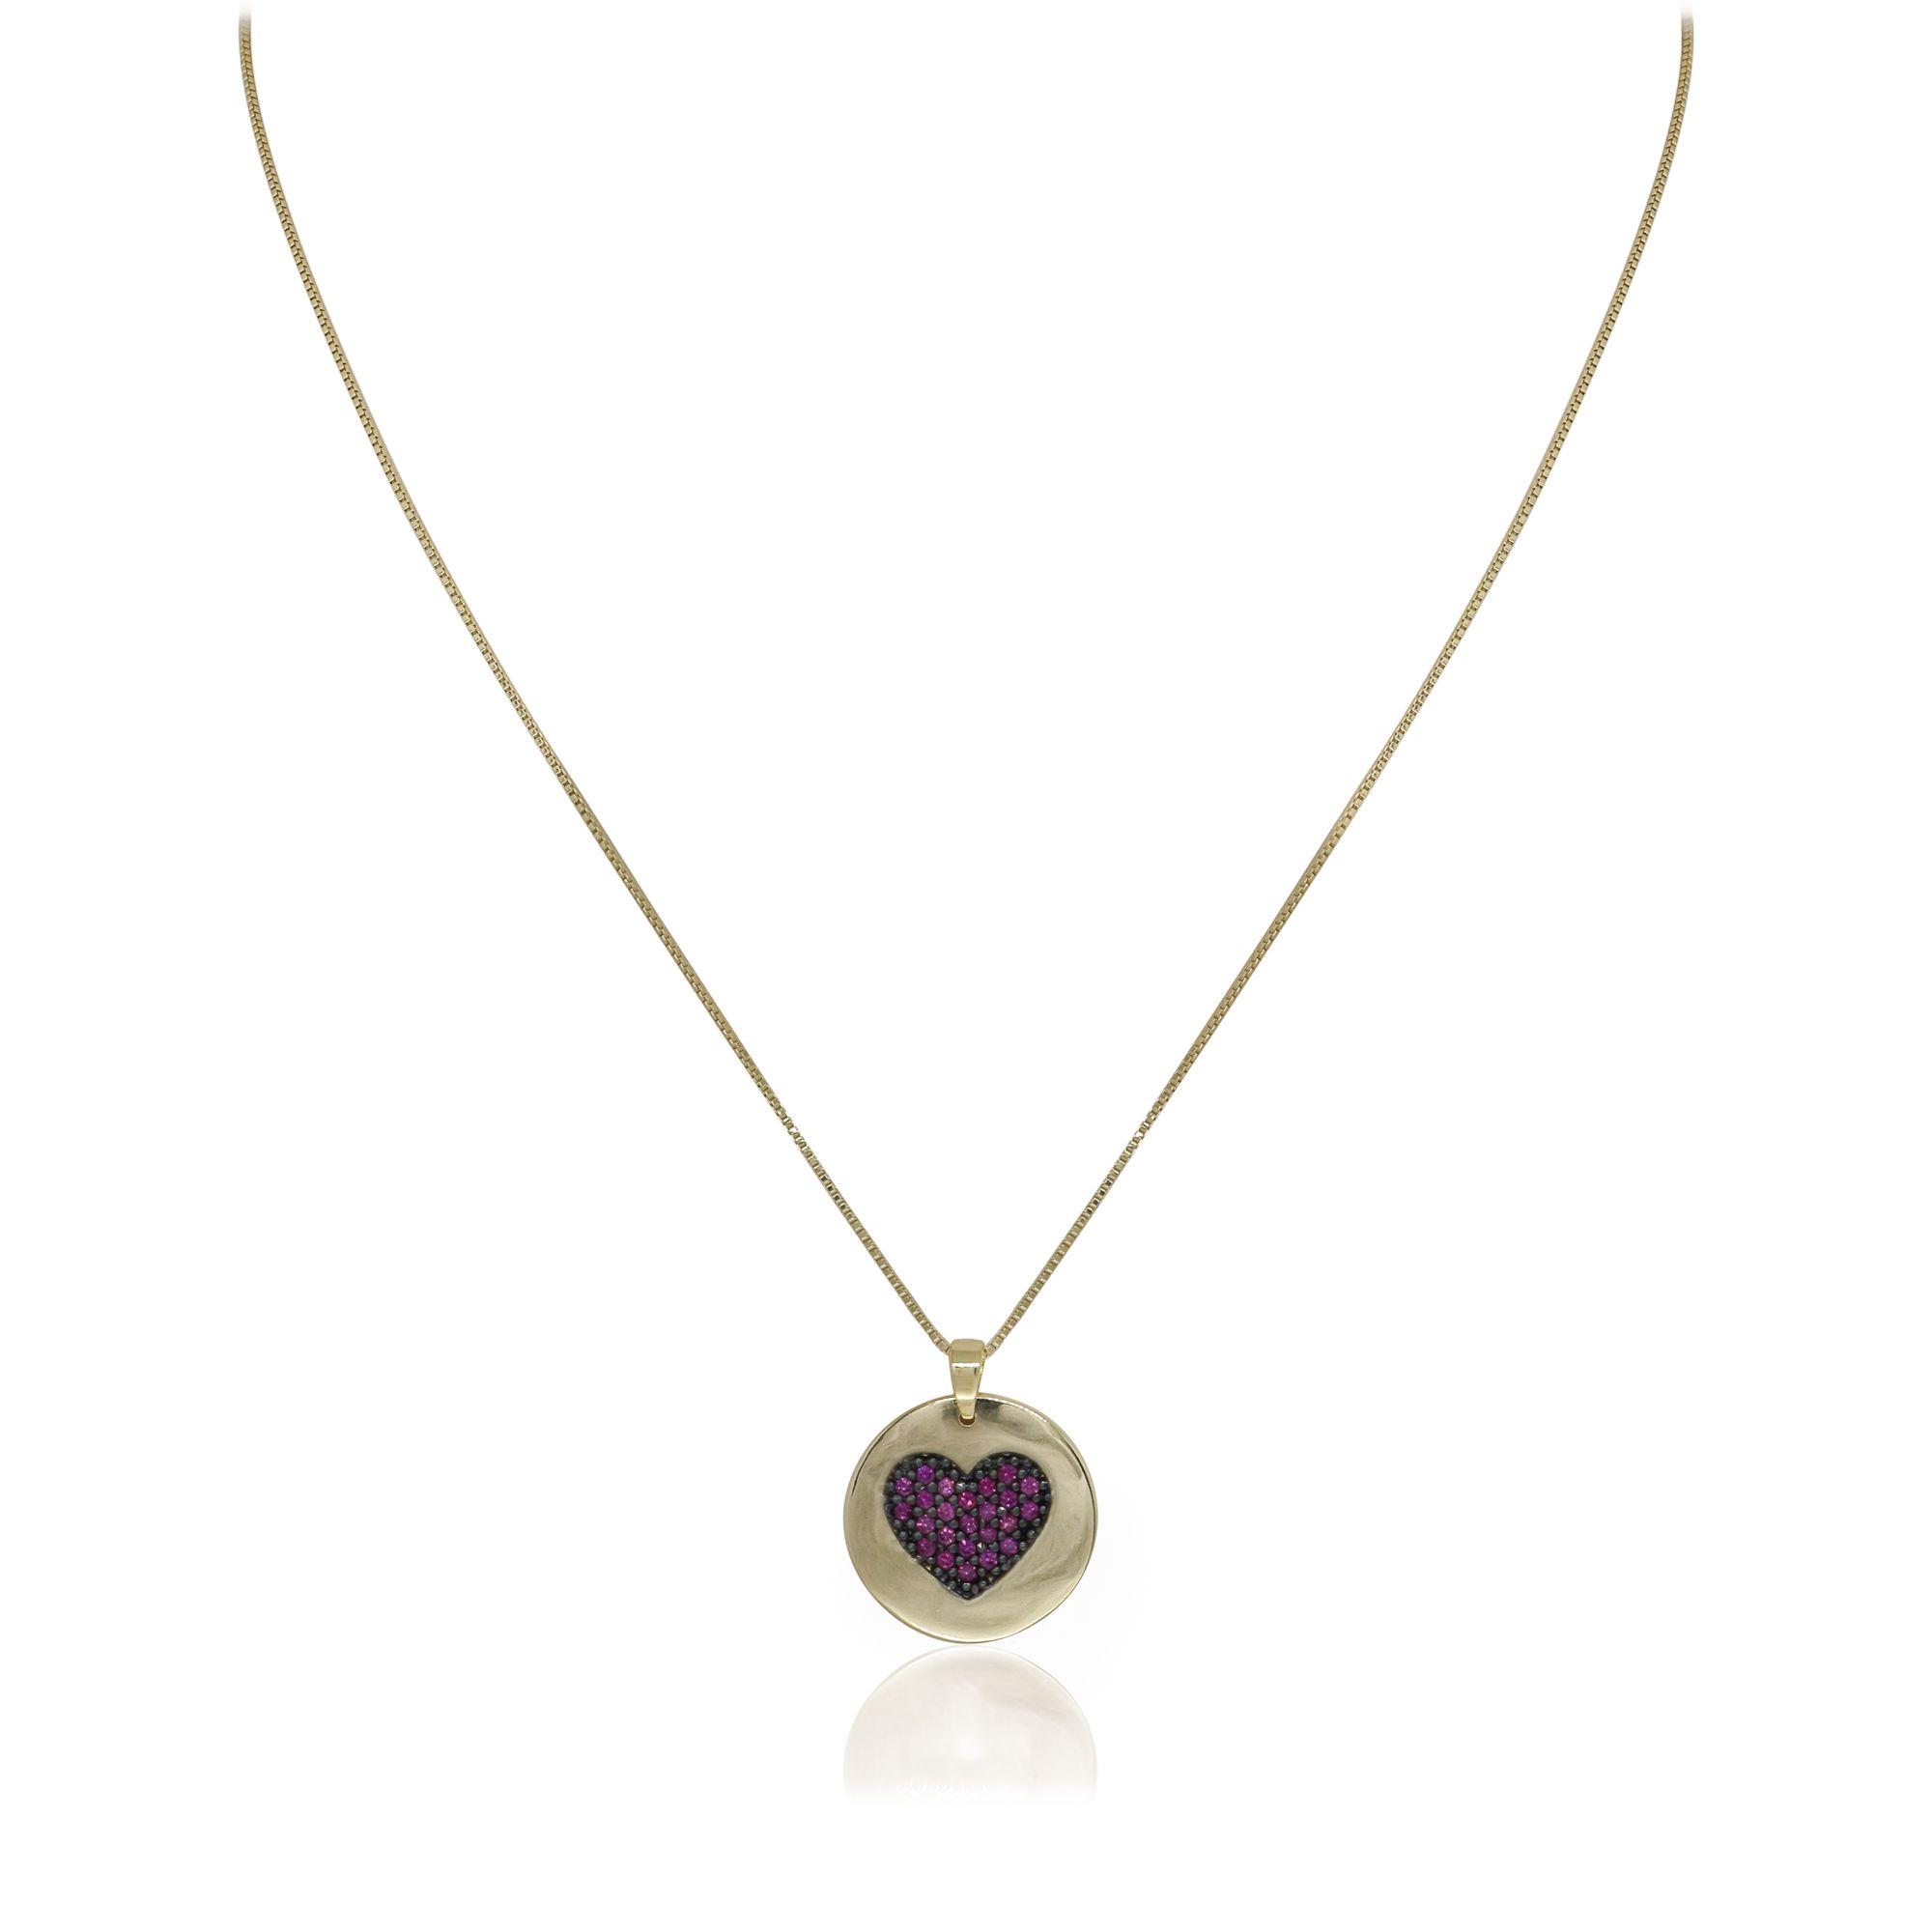 Colar Semi joia banhado a ouro 18k ou rhodium Mandalinha coração cravejado em micro zircônia